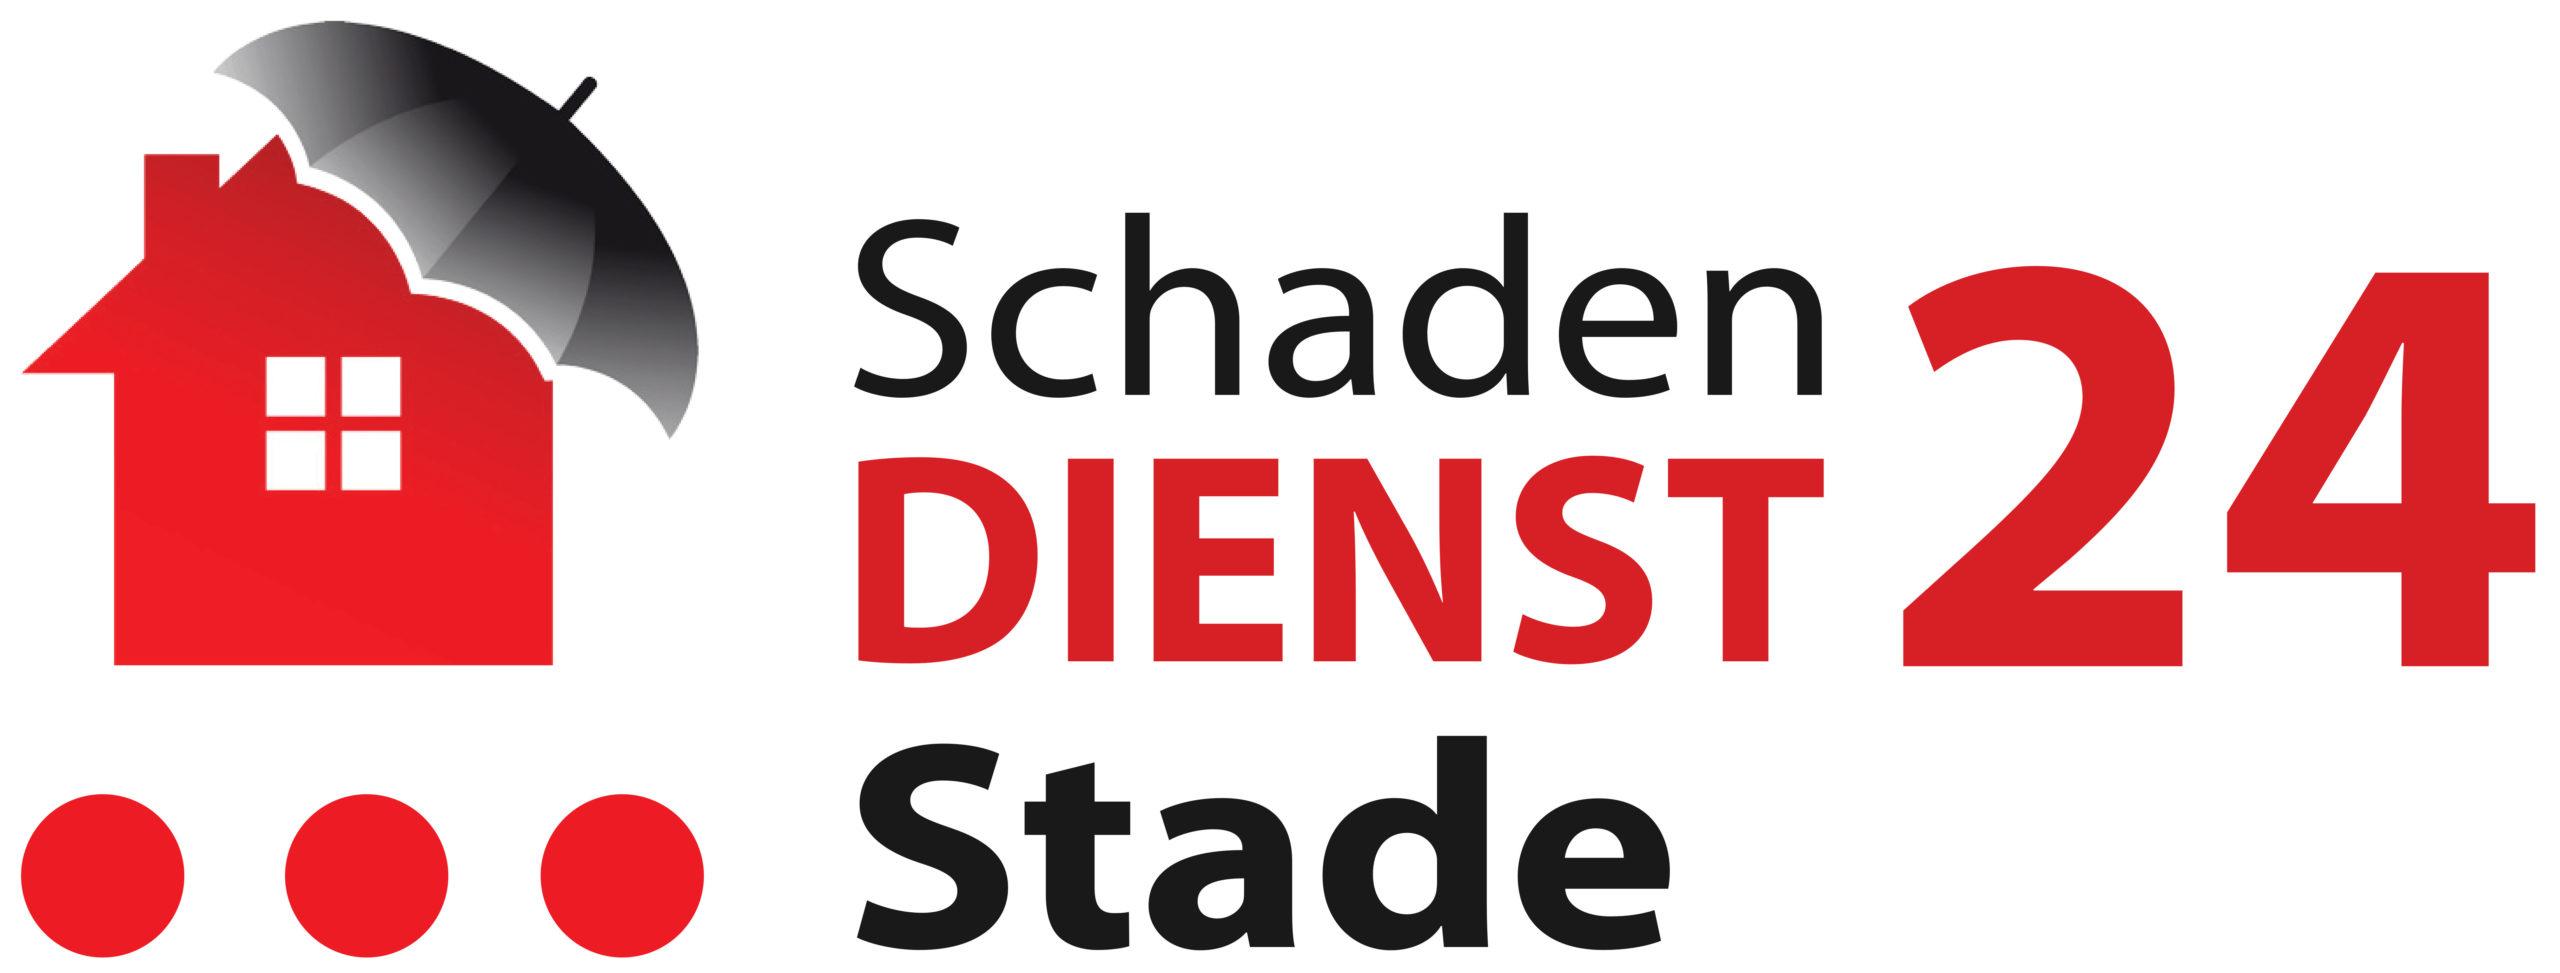 SchadenDienst24 Stade Logo